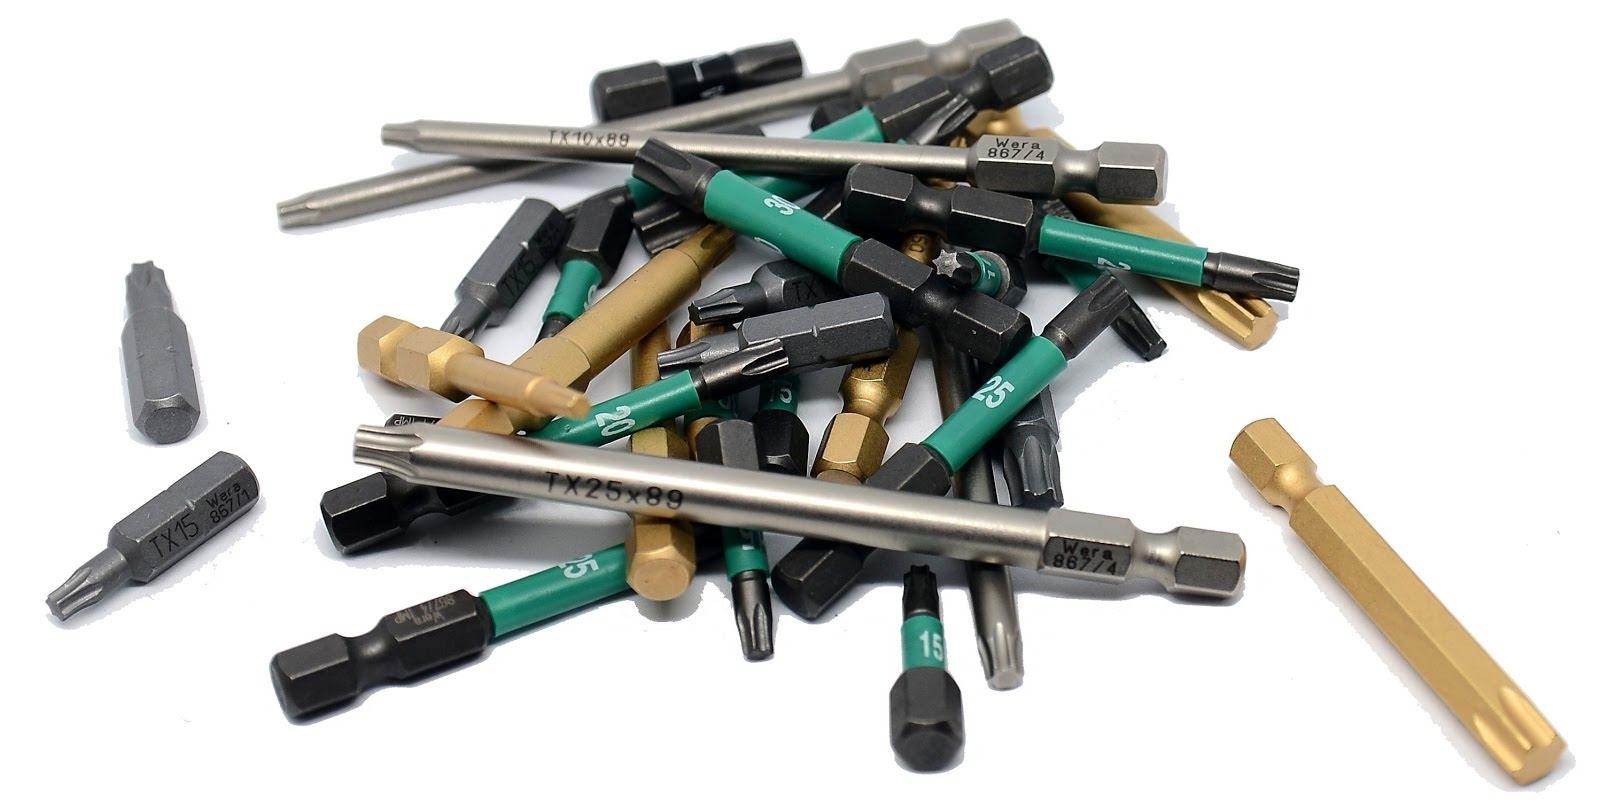 Bits - långa bits, extra långa bits, torx bits, philips stjärnbits, spårbits och insex